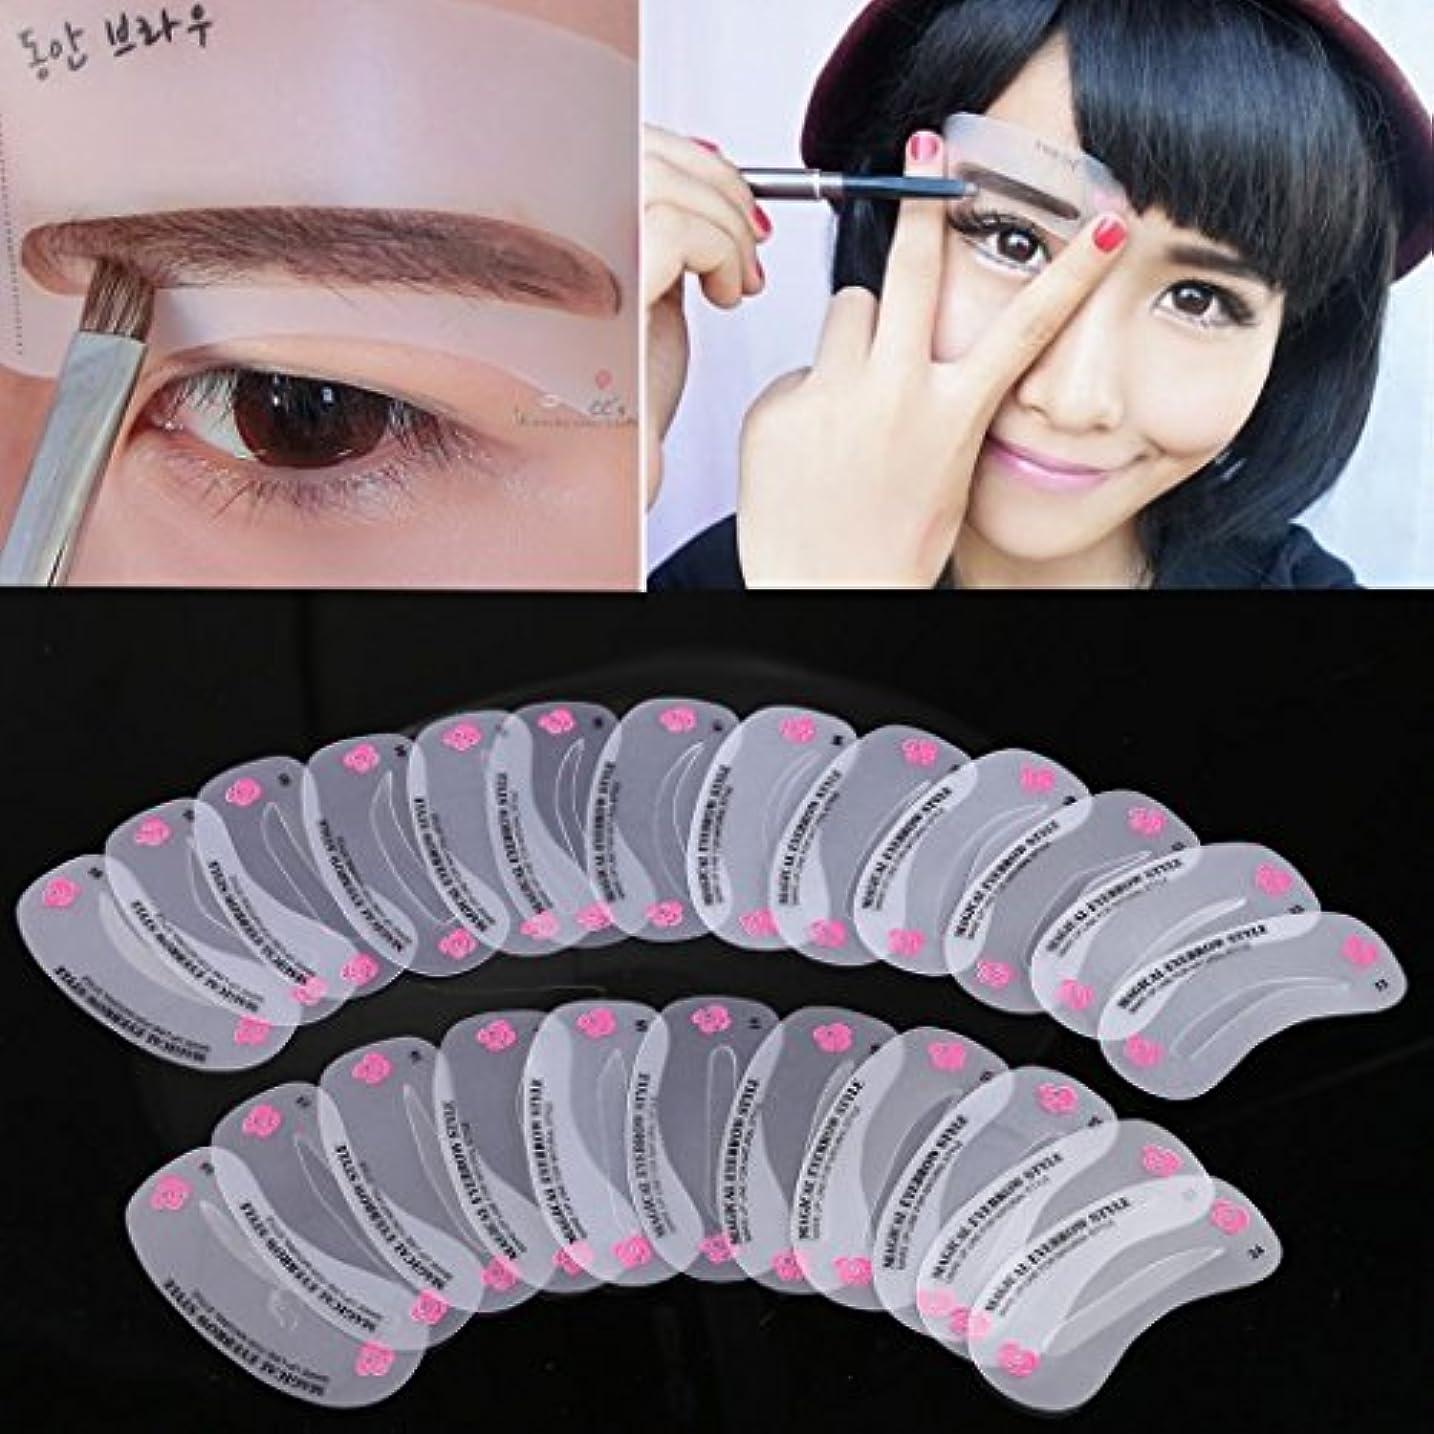 怠吹きさらしポルティコ24のスタイル?ステンシル化粧キット眉毛グルーミングセットを形づくっている異なる眉シェーパー